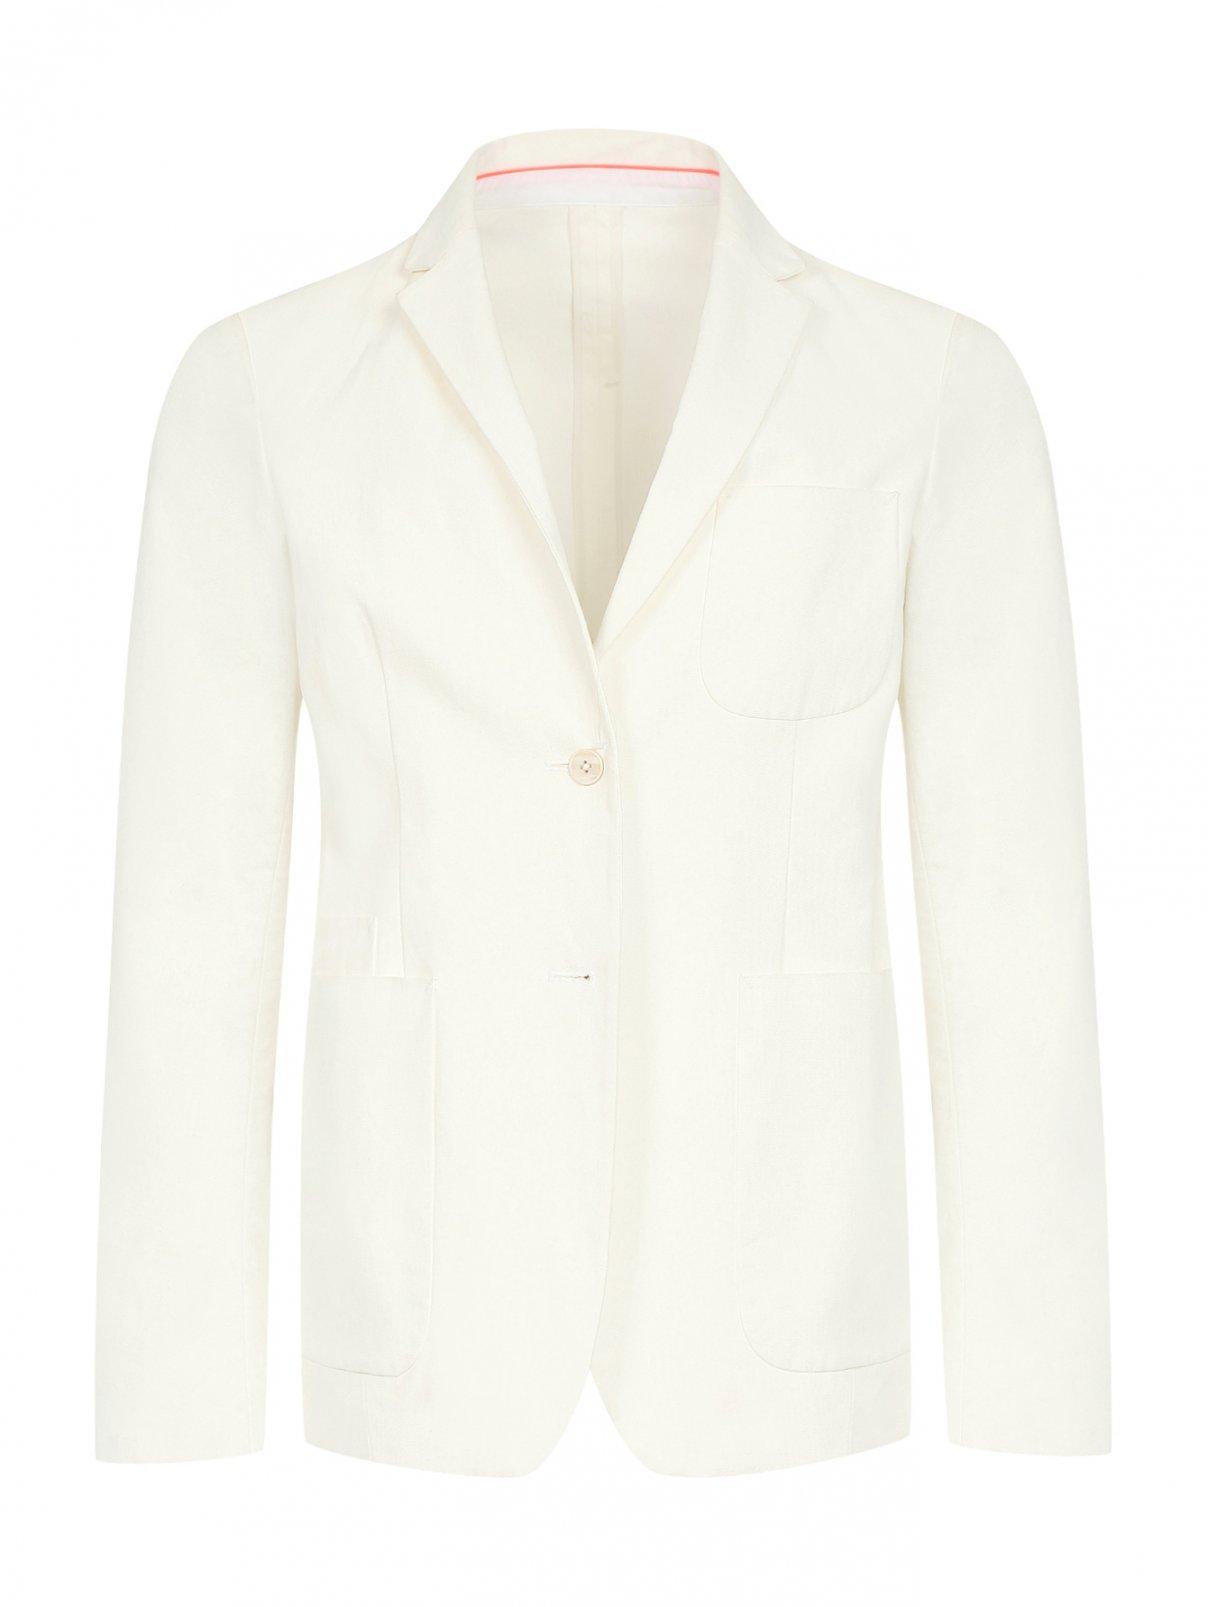 Пиджак однобортный из льна и хлопка Jil Sander  –  Общий вид